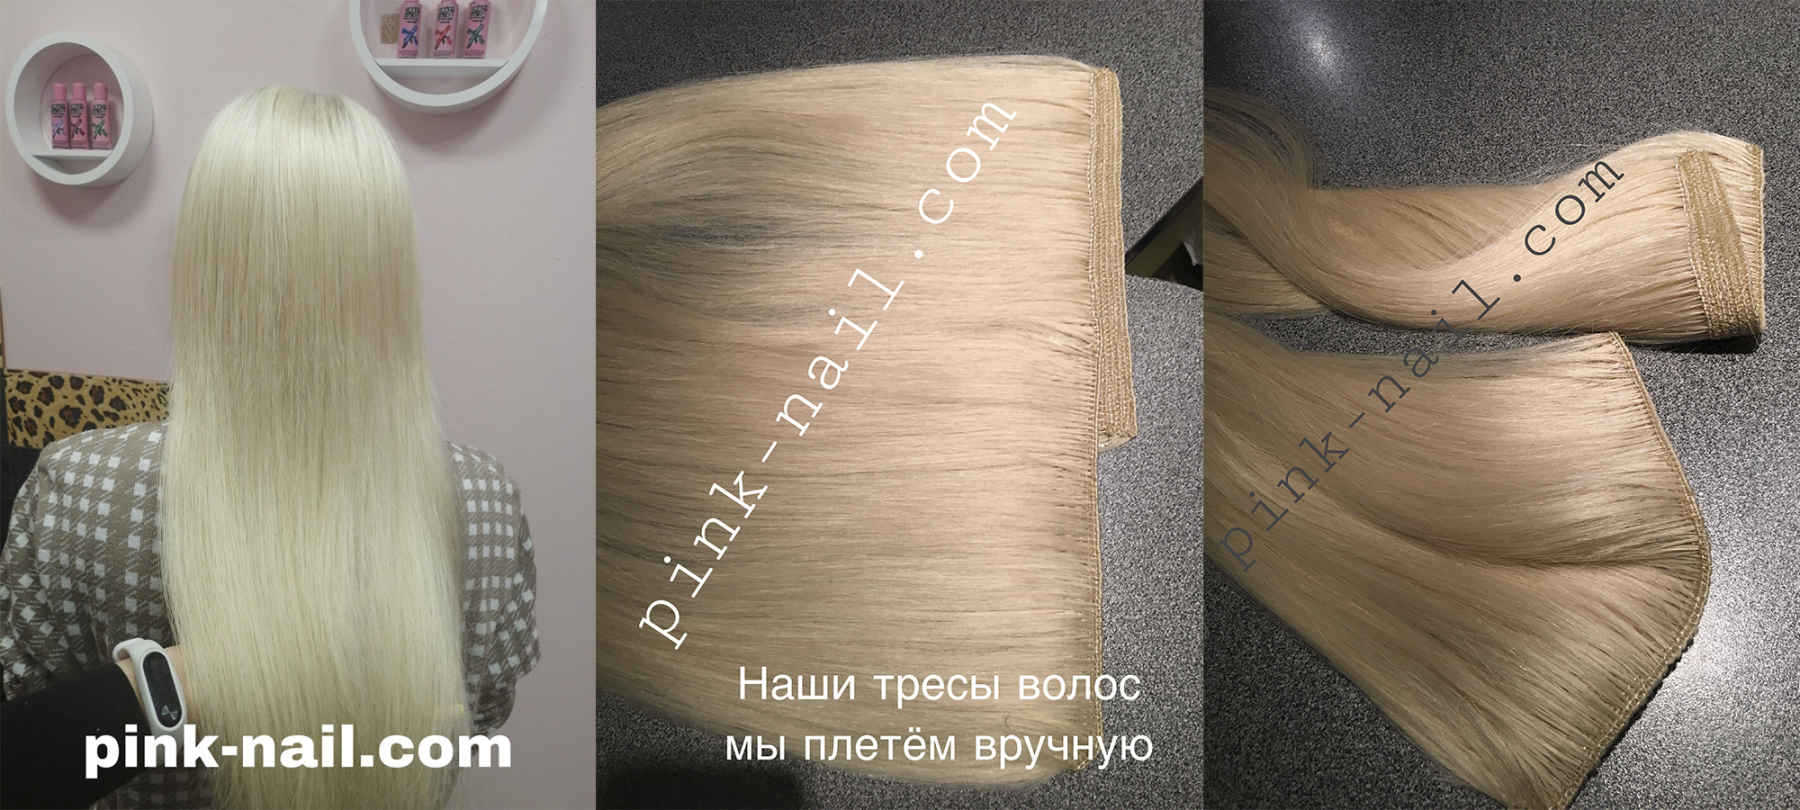 Наращивание волос Минск студия Розовая пантера плетение тресы